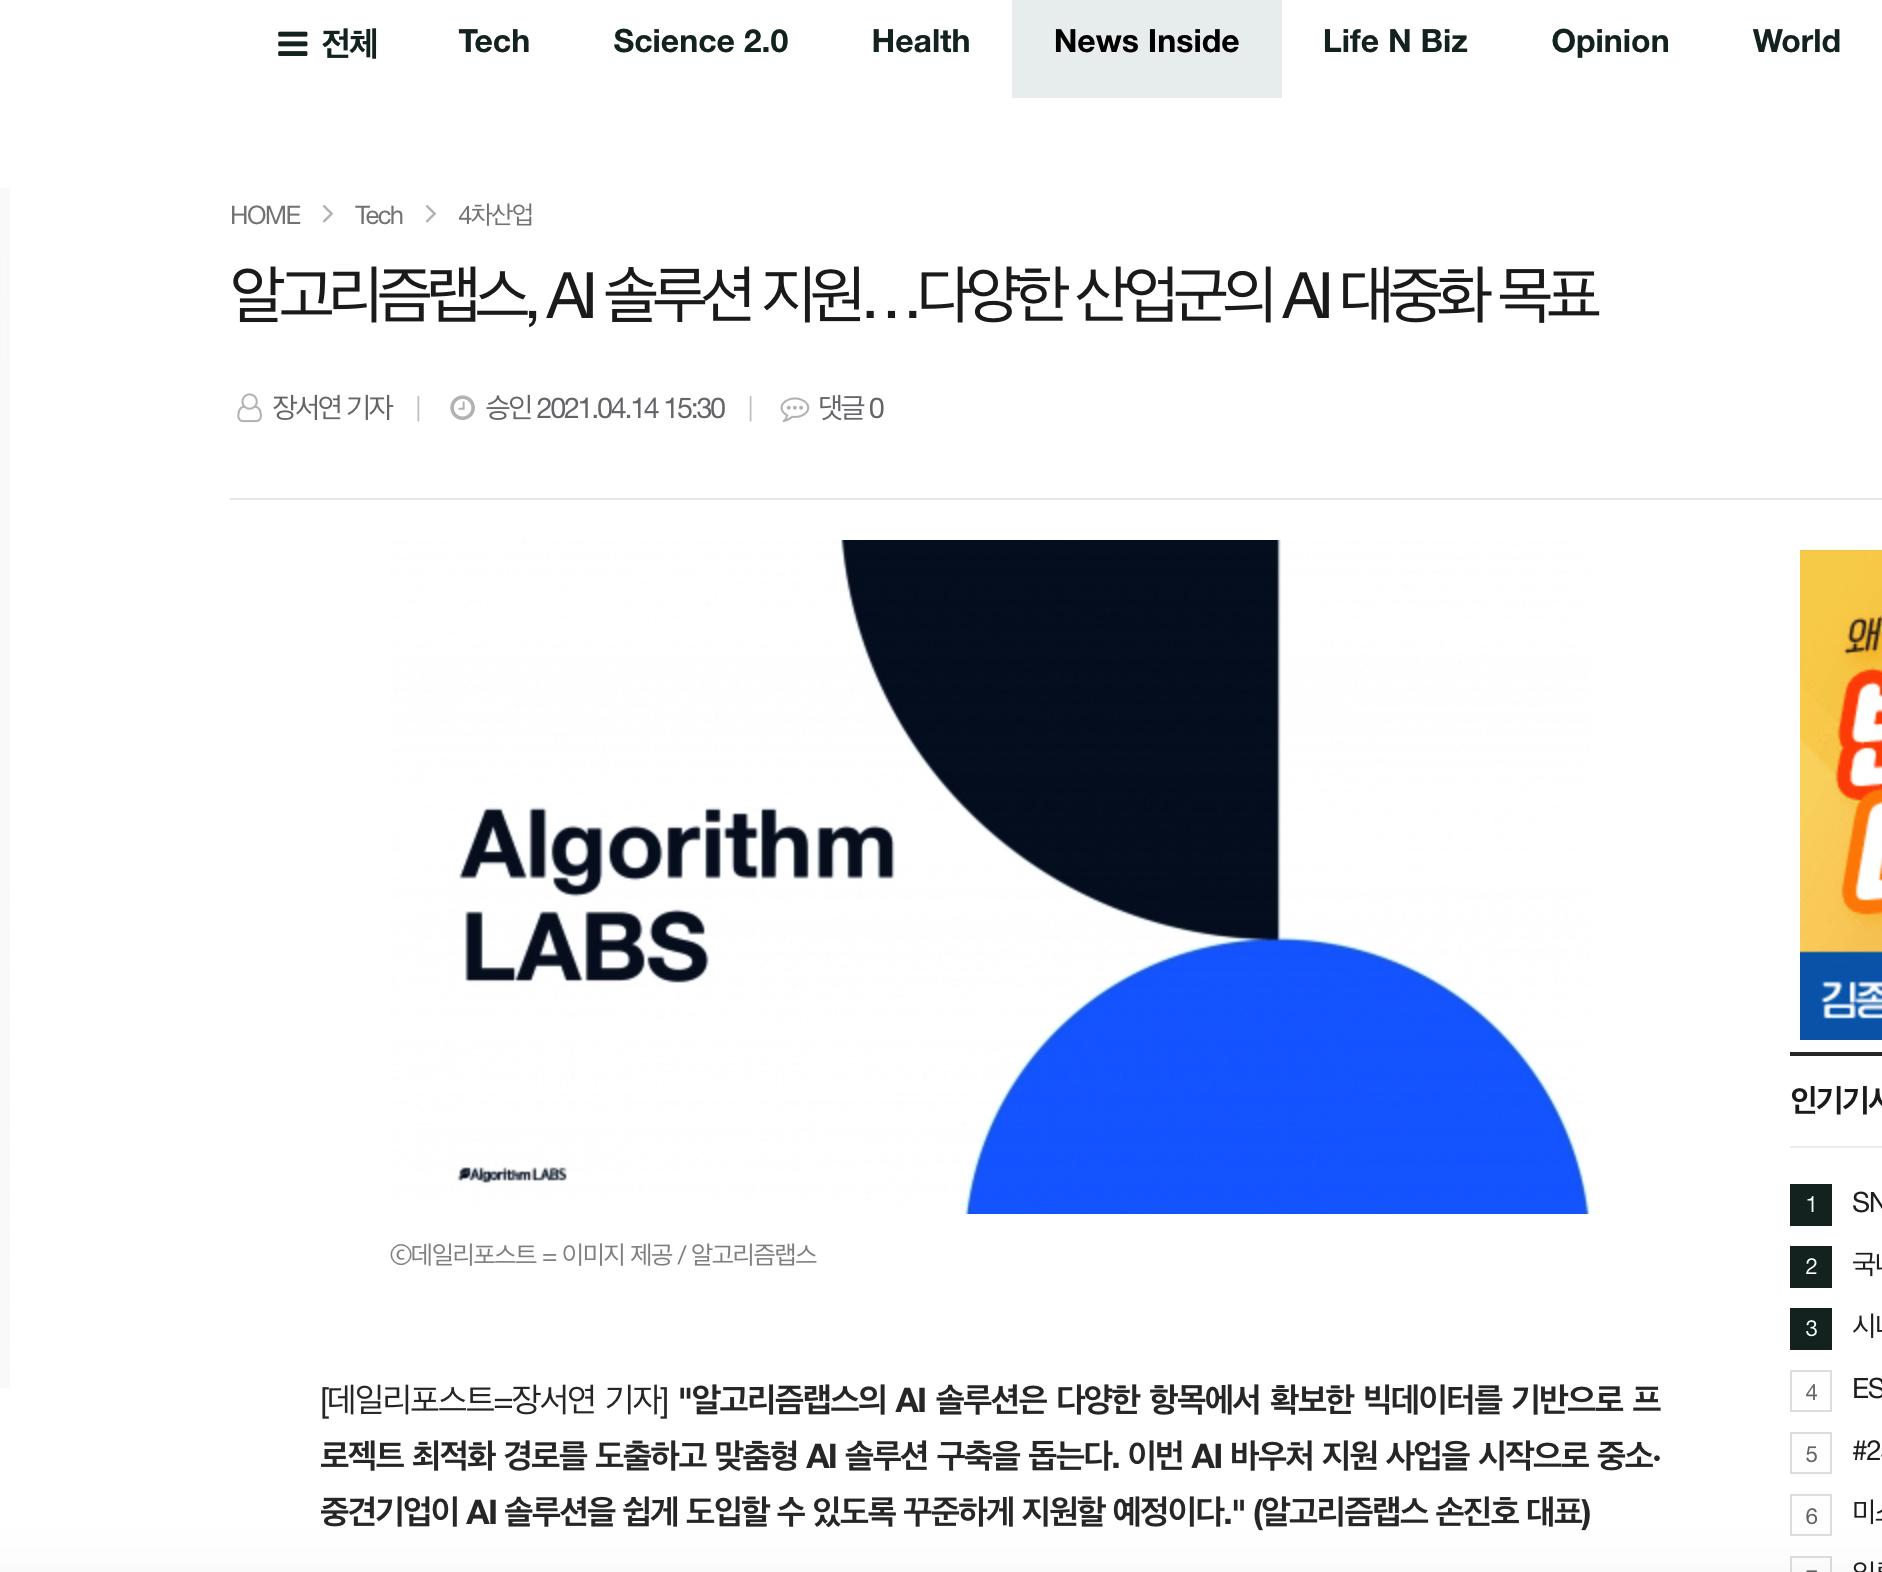 """[데일리포스트=장서연 기자] """"알고리즘랩스의 AI 솔루션은 다양한 항목에서 확보한 빅데이터를 기반으로 프로젝트 최적화 경로를 도출하고 맞춤형 AI 솔루션 구축을 돕는다. 이번 AI 바우처 지원 사업을 시작으로 중소·중견기업이 AI 솔루션을 쉽게 도입할 수 있도록 꾸준하게 지원할 예정이다.""""<br>..."""